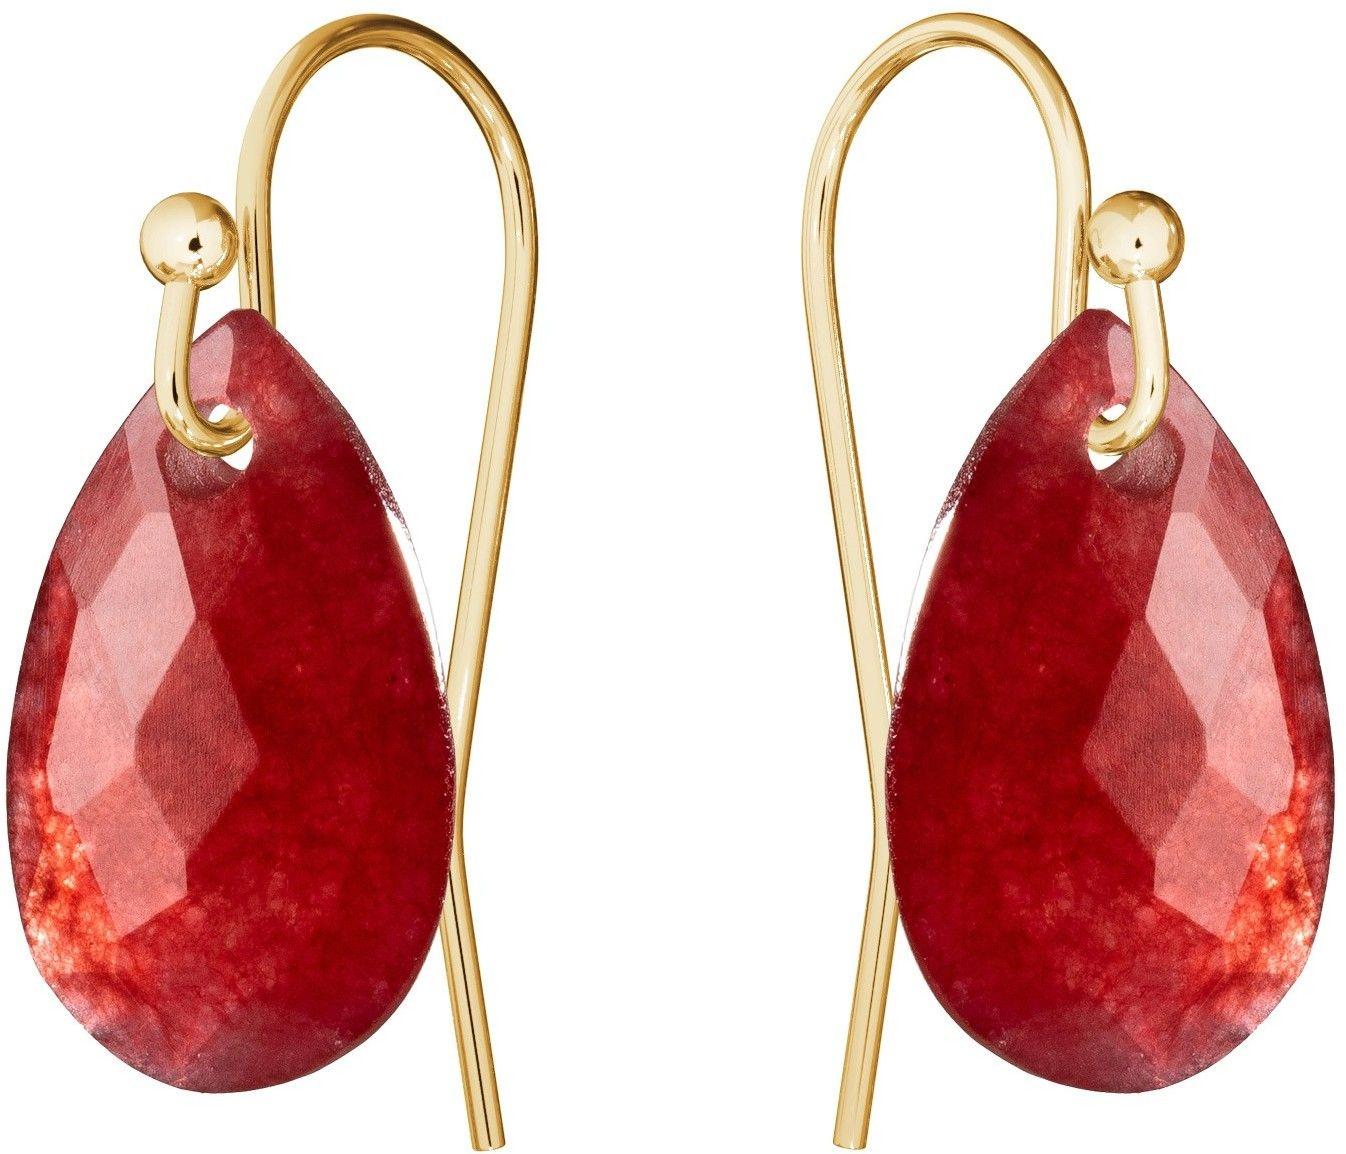 Subtelne złote kolczyki z naturalnym kamieniem Gavbari, złoto 585 : Kamienie naturalne - kolor - jadeit czerwony